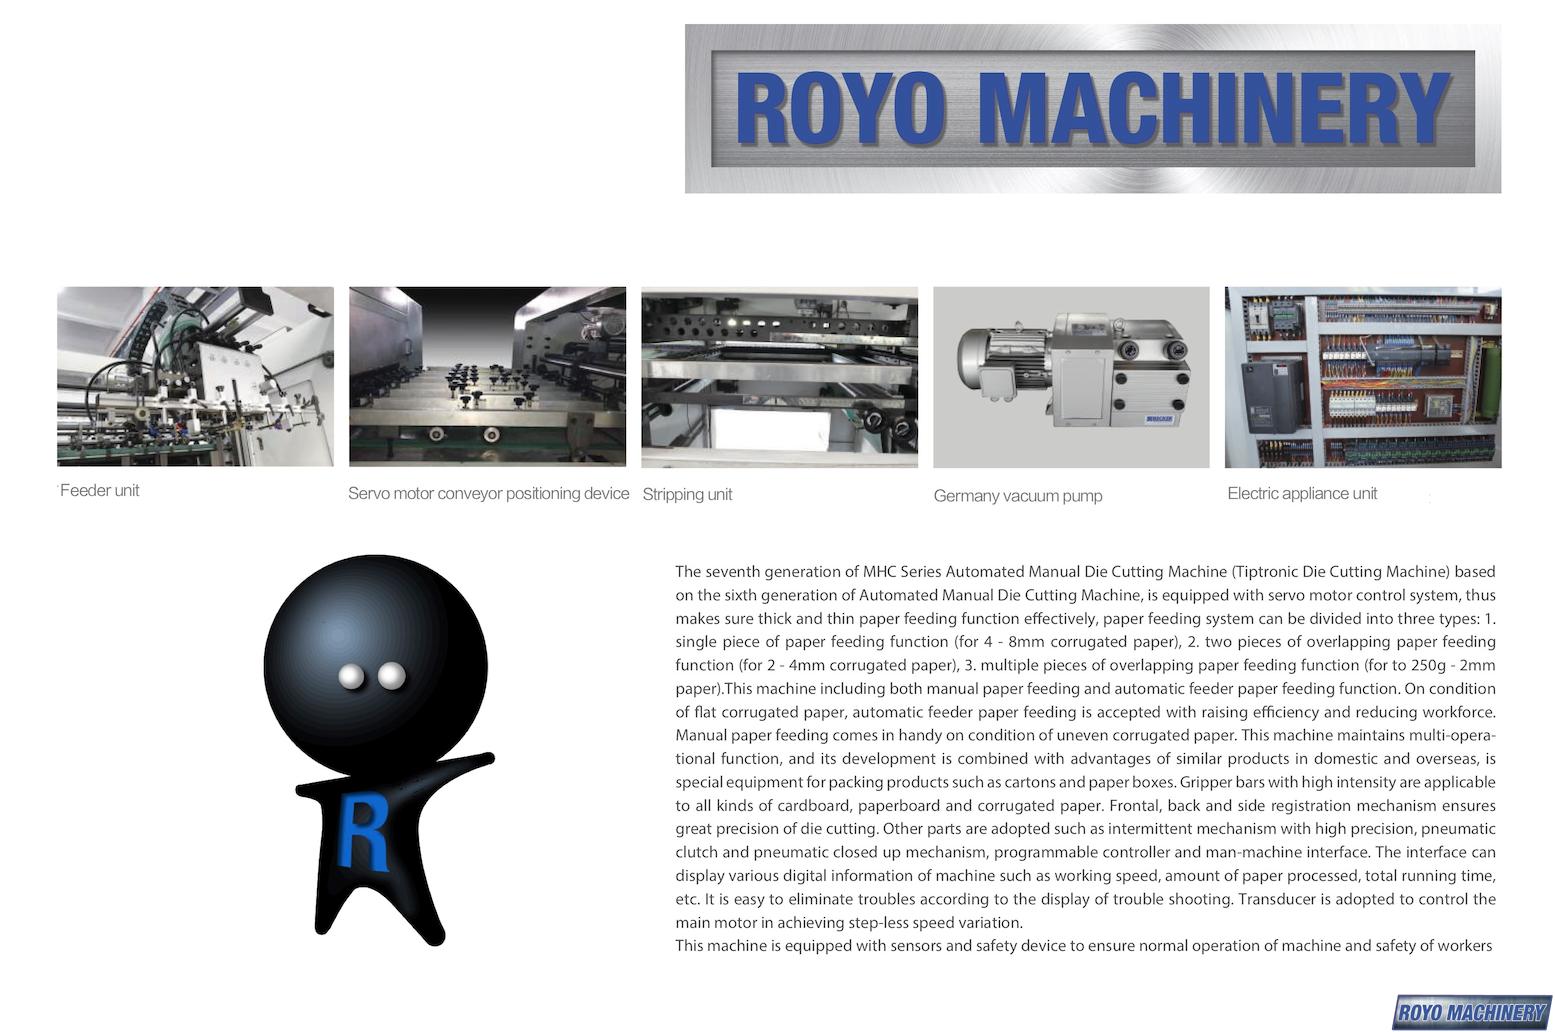 Royo Machinery RMHC-1300